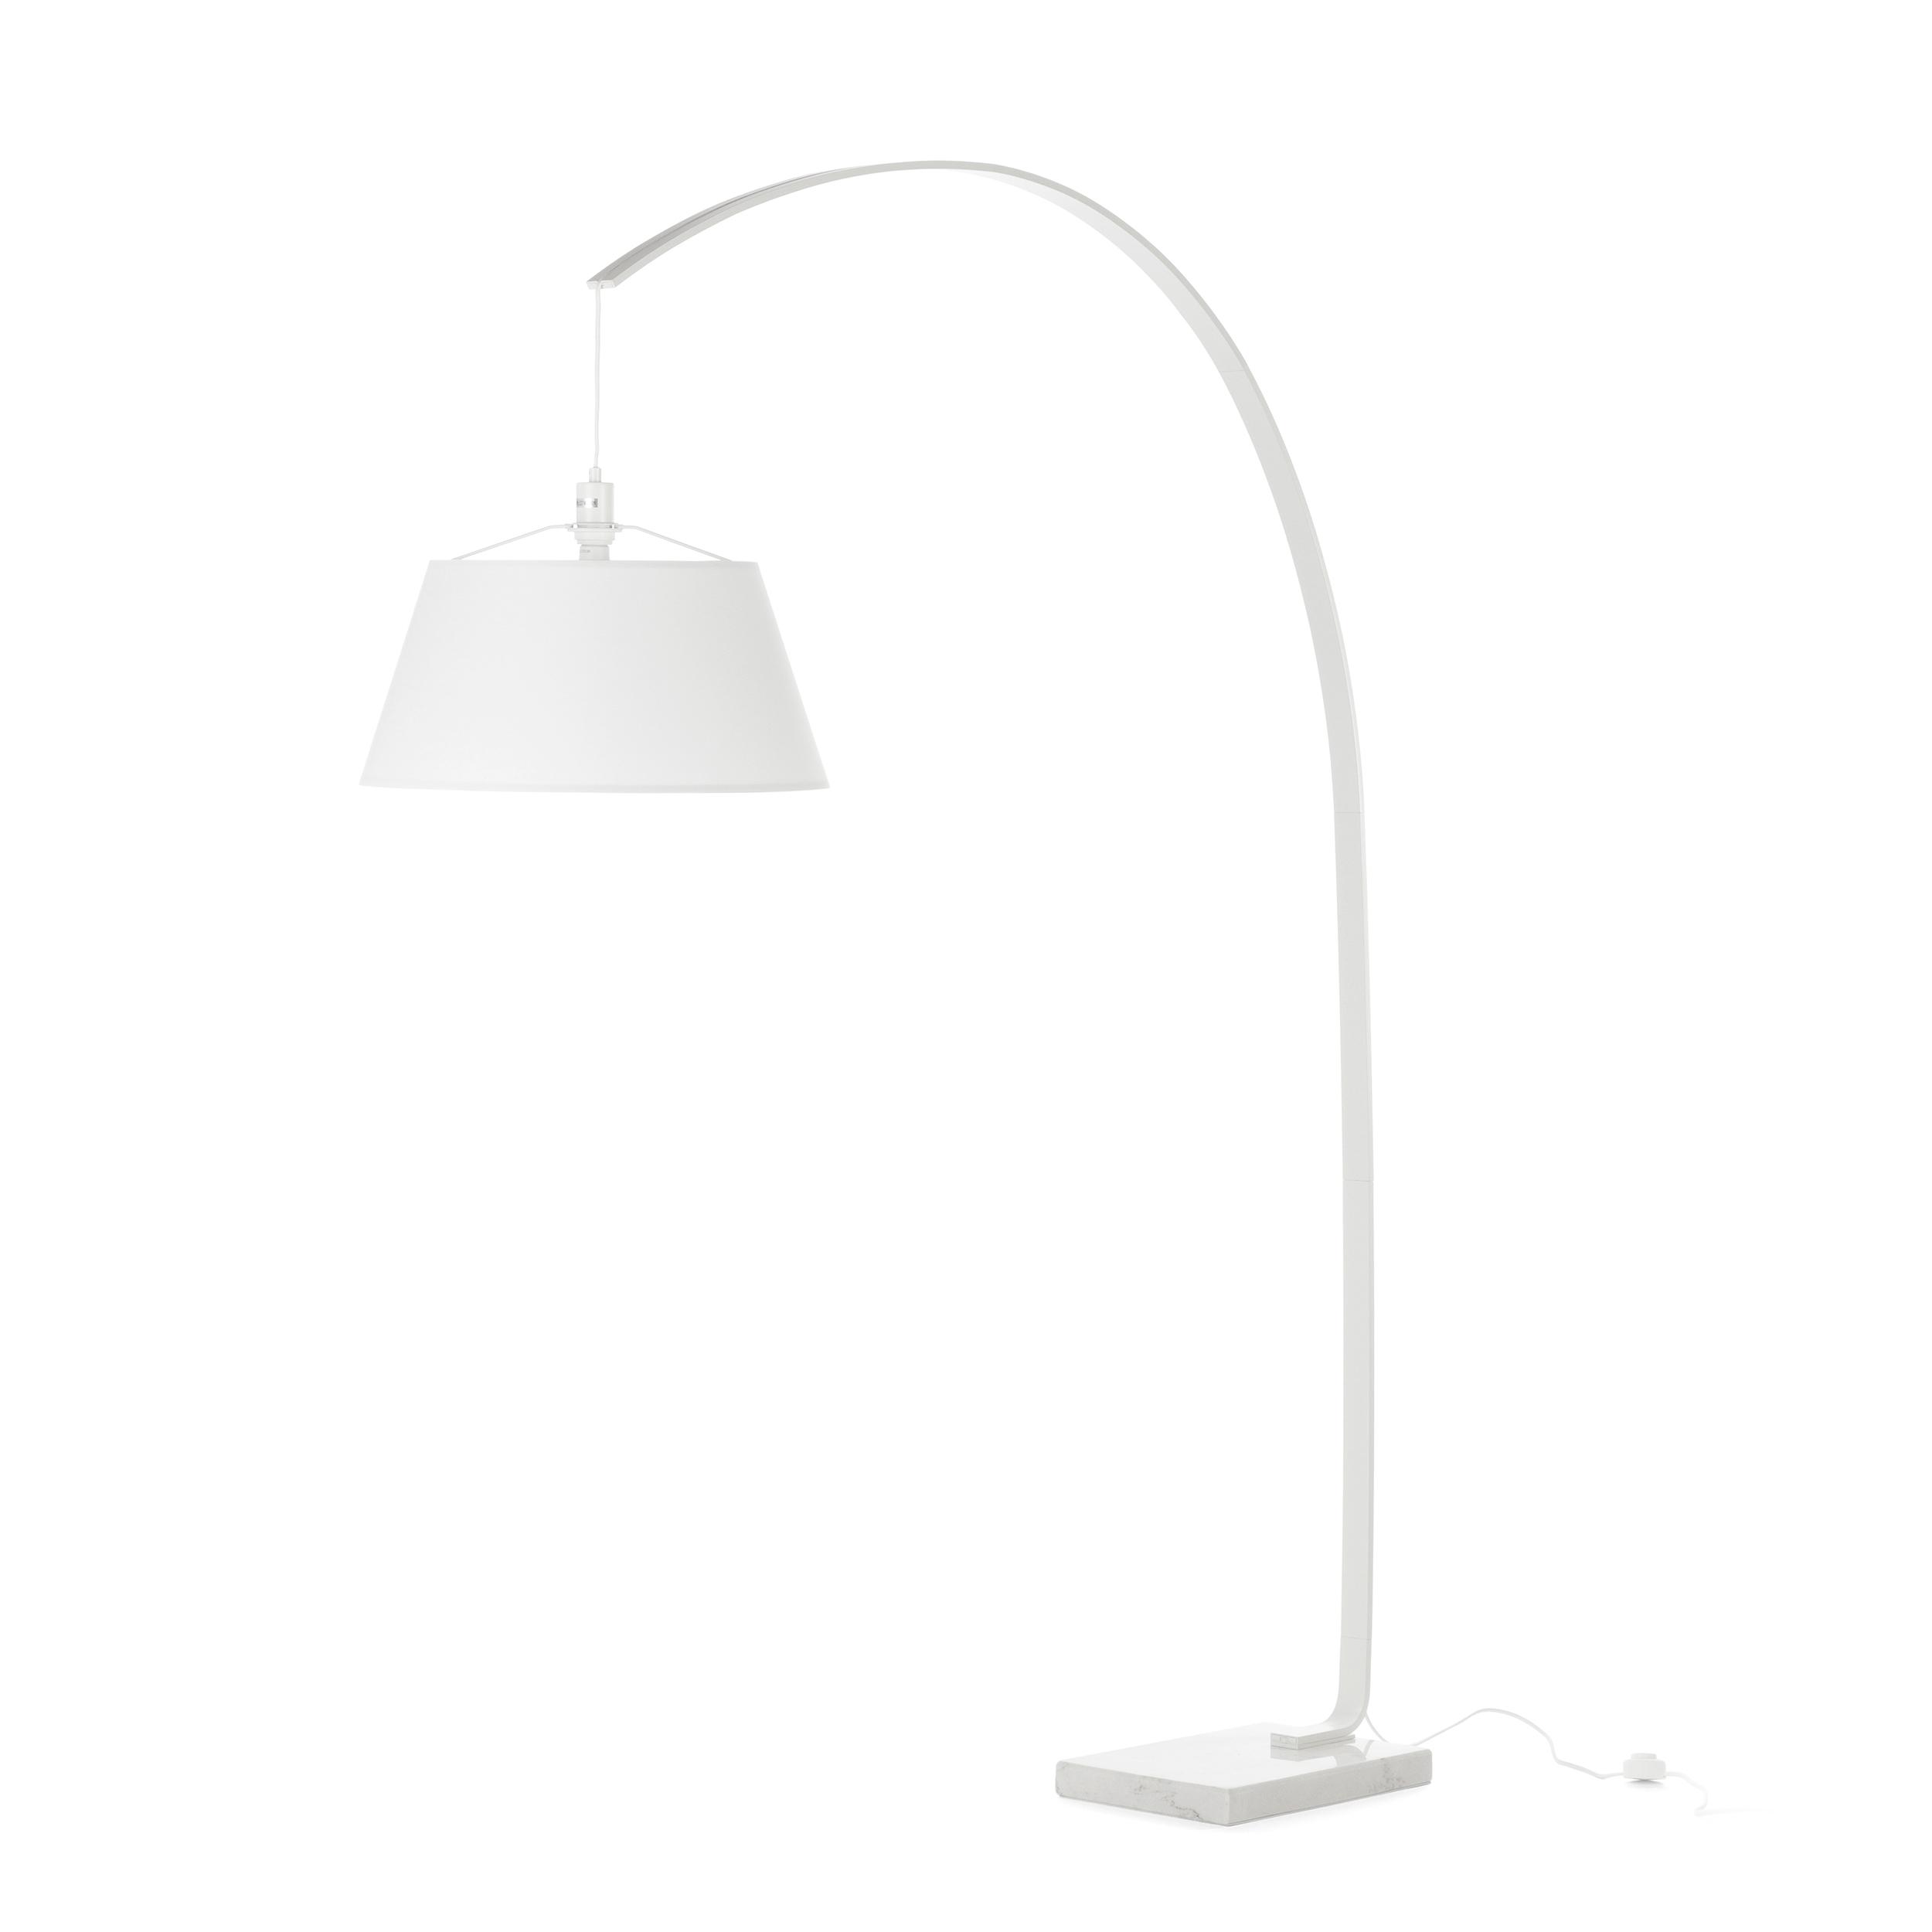 Напольный светильник Cosmo ARC KD FL 14017